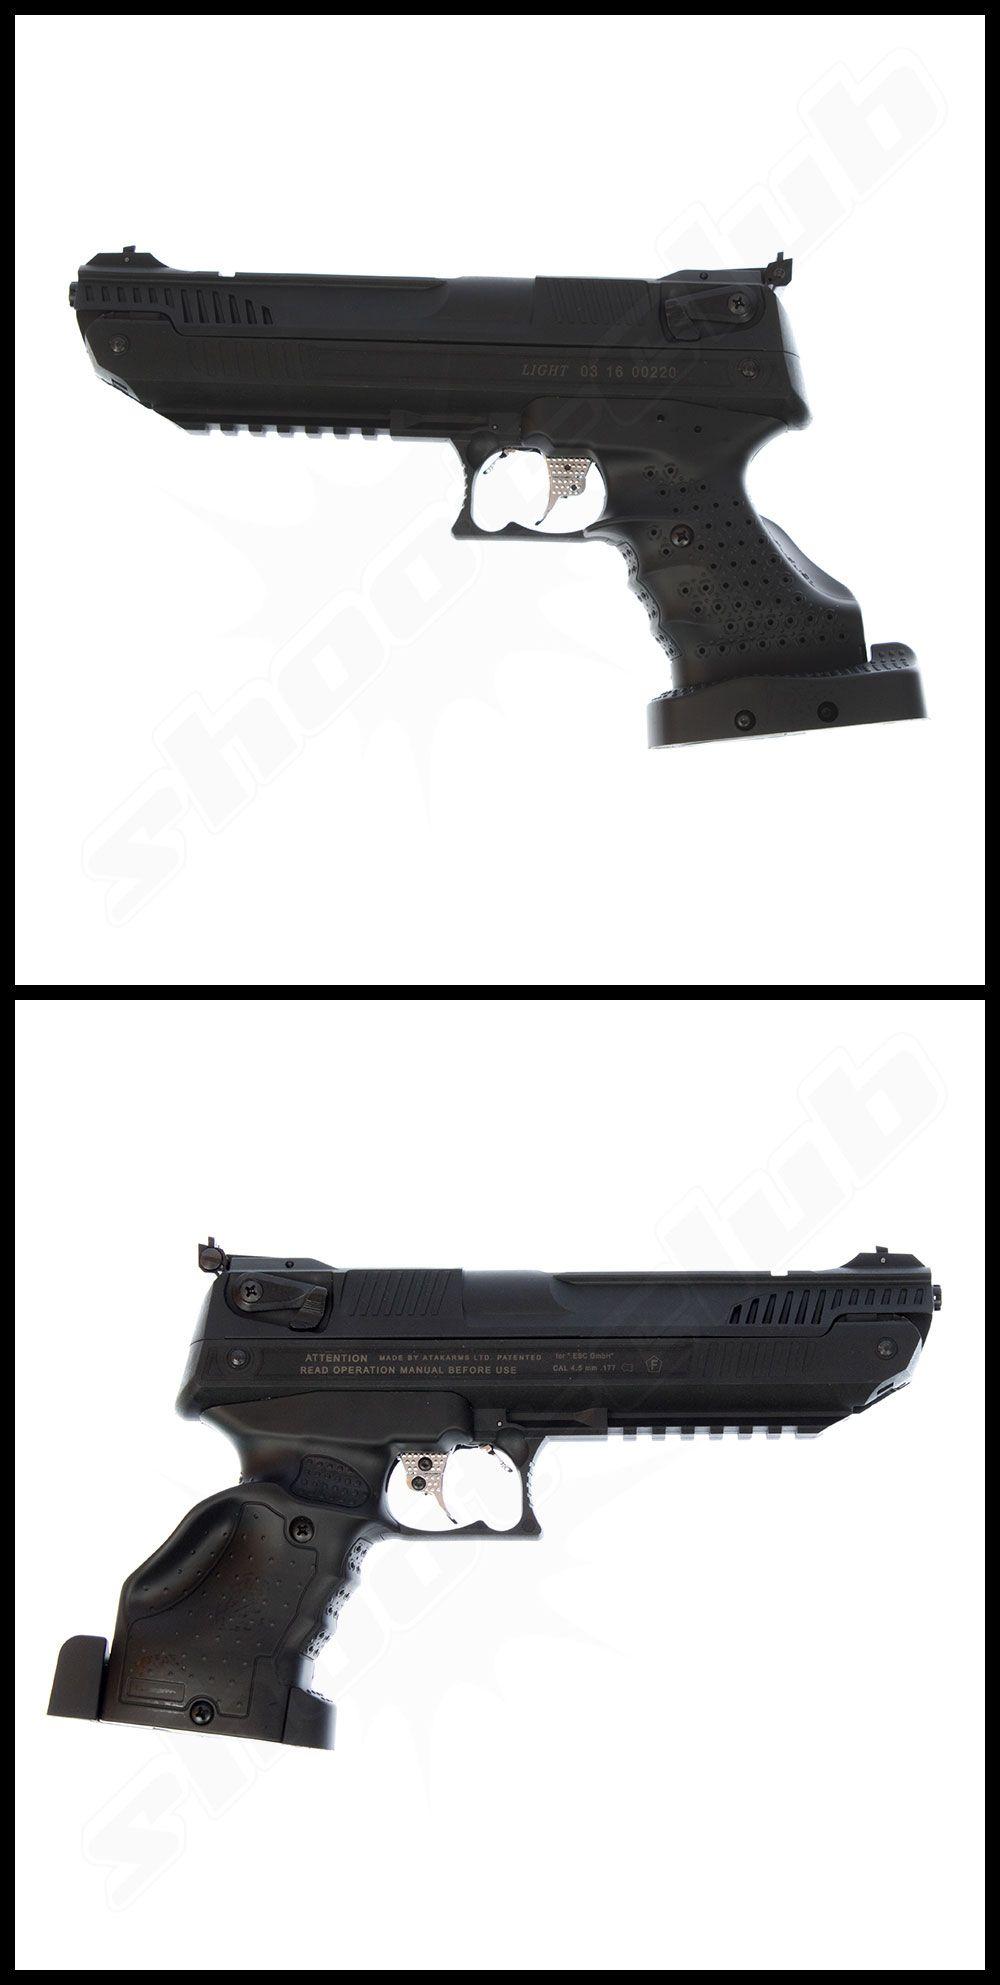 Zoraki HP 01 Luftpistole Kaliber 4,5mm - Linkshänder   - Weitere Informationen und Produkte findet Ihr unter www.shoot-club.de -   #Zoraki #shootclub